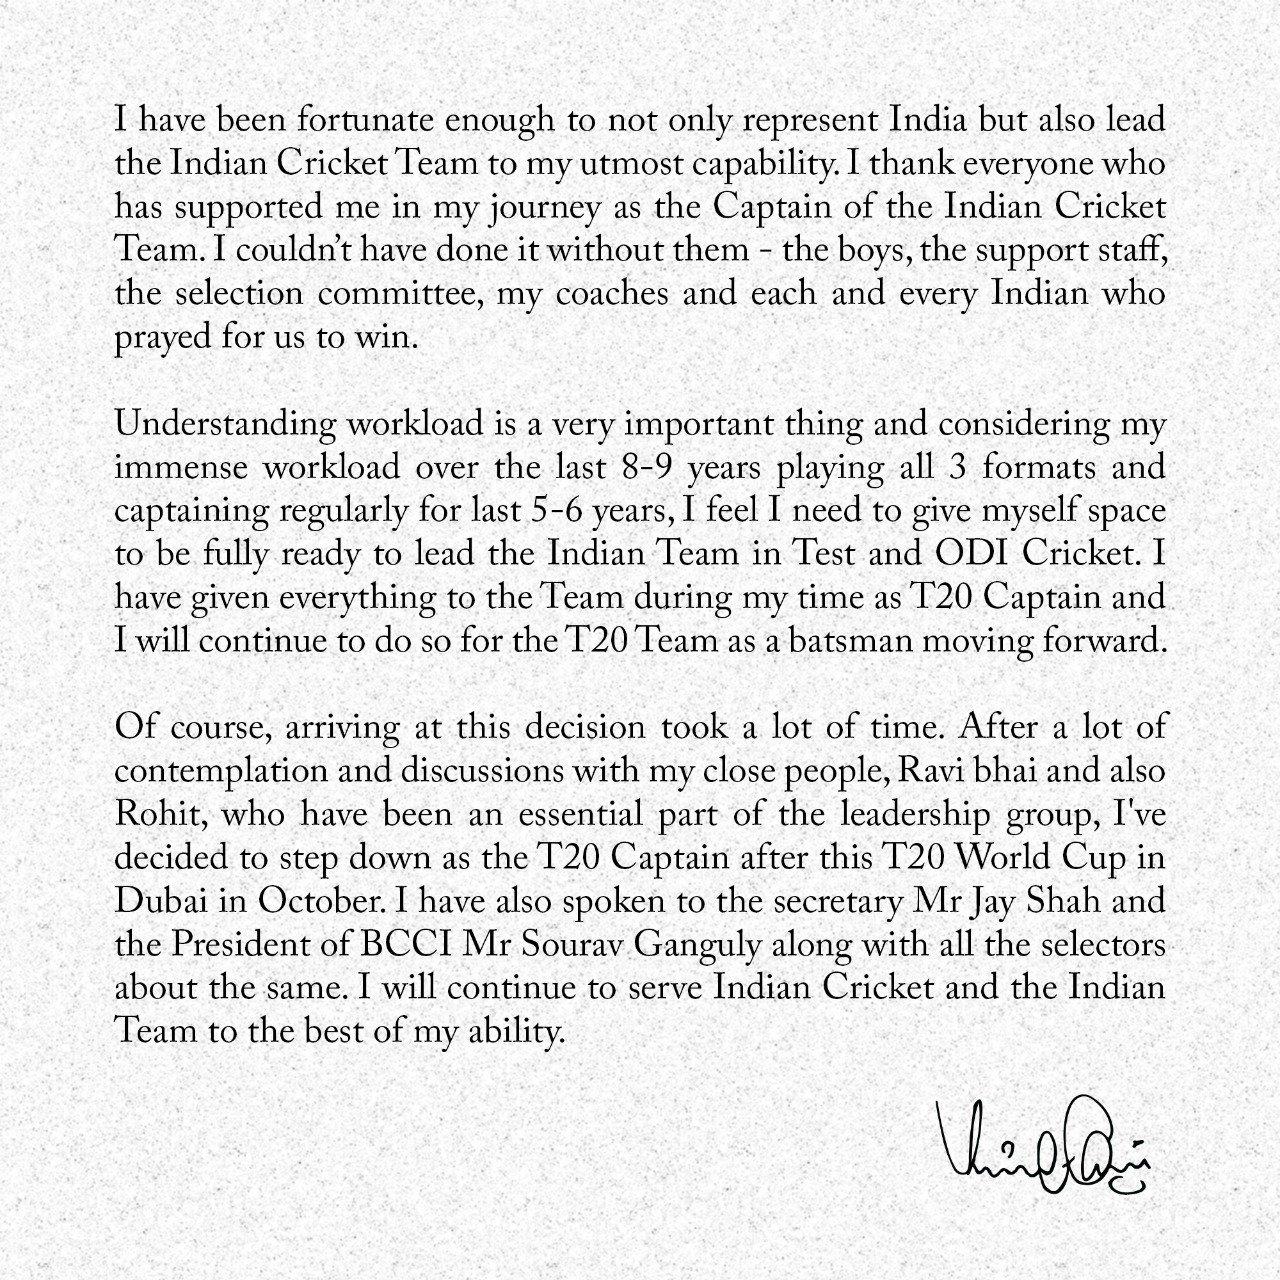 सोशल मीडिया में विराट कोहली की पोस्ट, जिसमें उन्होंने कप्तानी छोड़ने के फैसले की जानकारी दी।